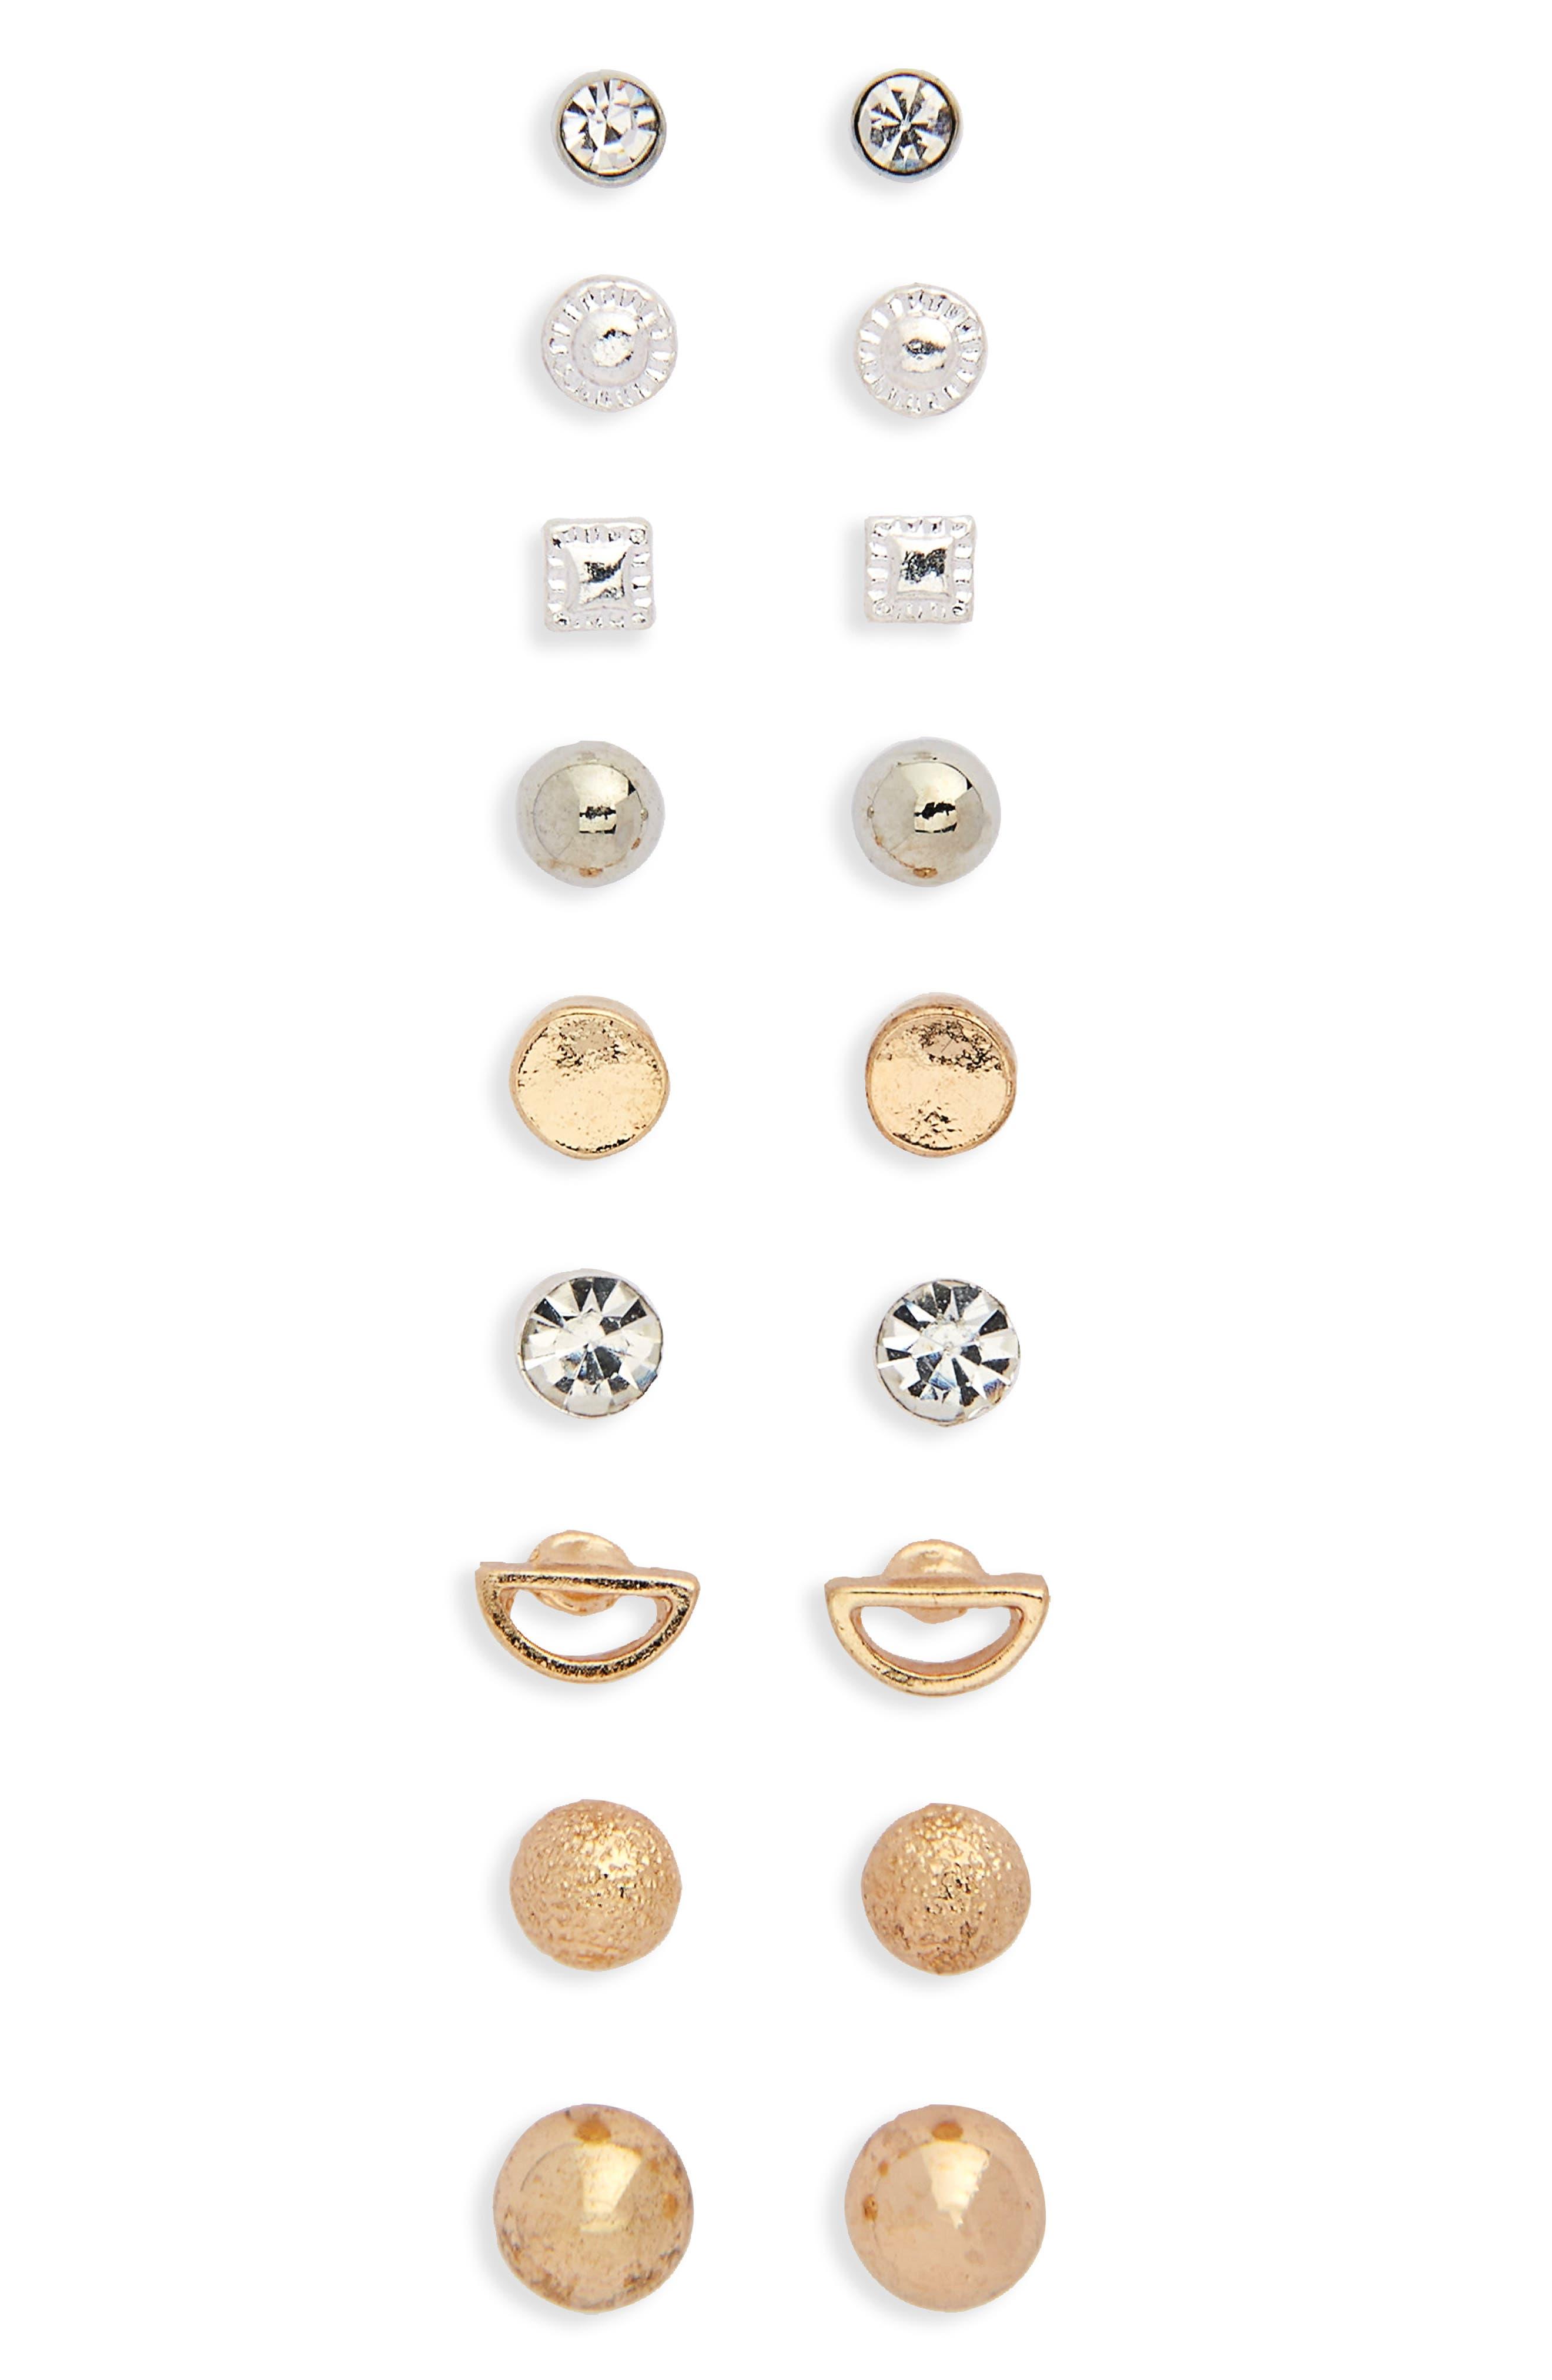 9-Pack Dainty Stud Earrings,                         Main,                         color, 710